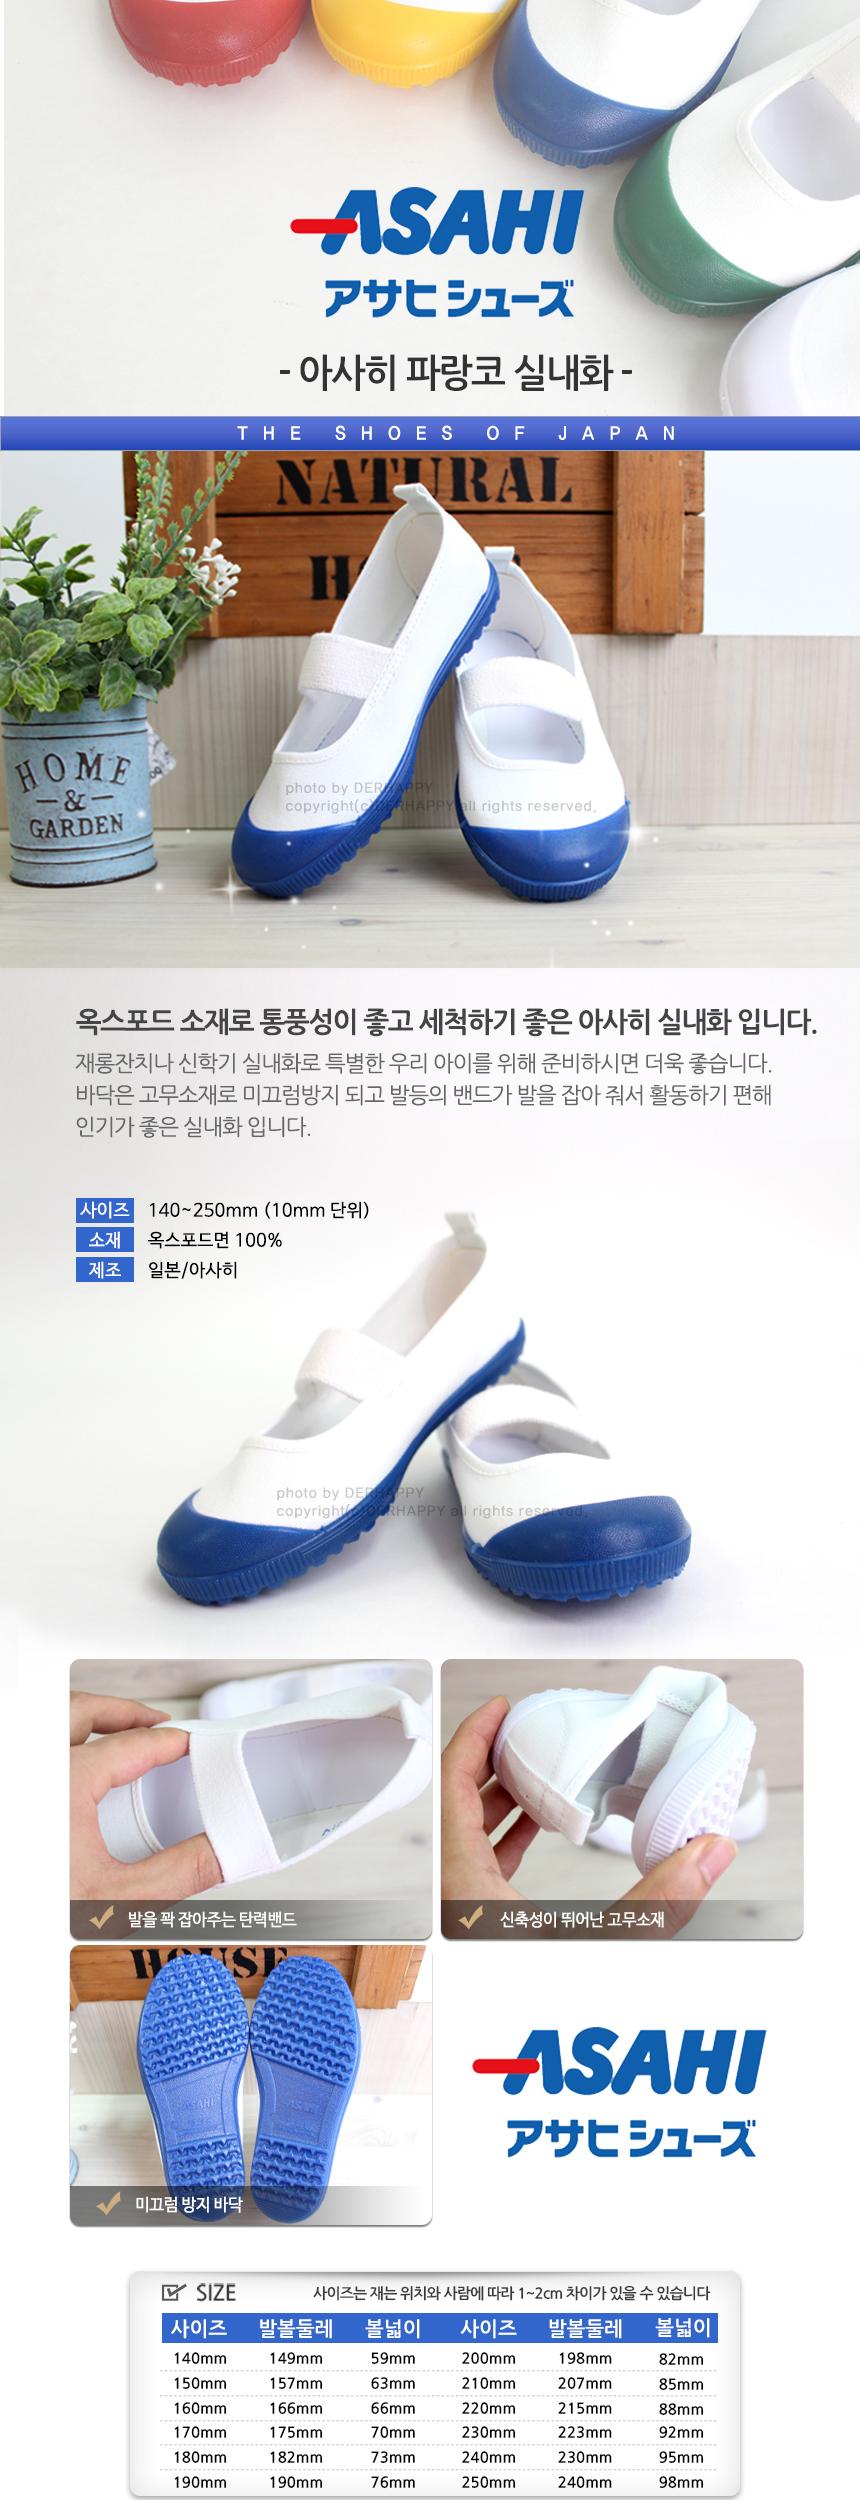 정품 vk 아사히 파랑코 실내화 - 더해피, 19,900원, 신발, 실내화